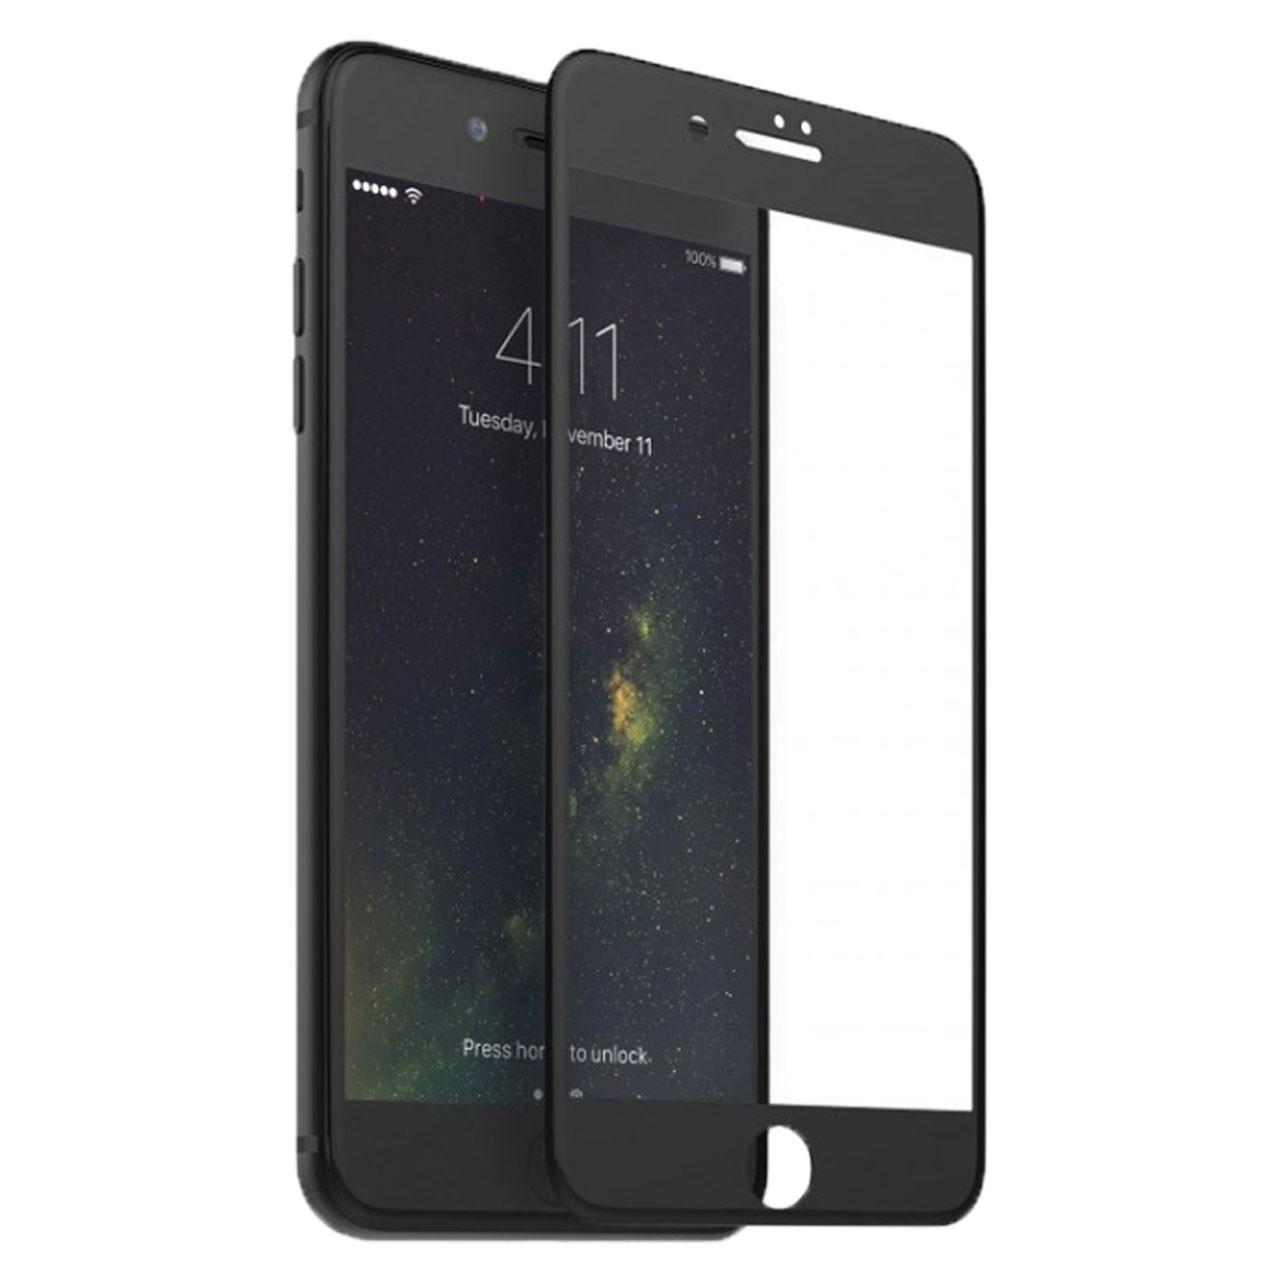 محافظ صفحه نمایش مدل 9H مناسب برای گوشی موبایل اپل آیفون 7/8